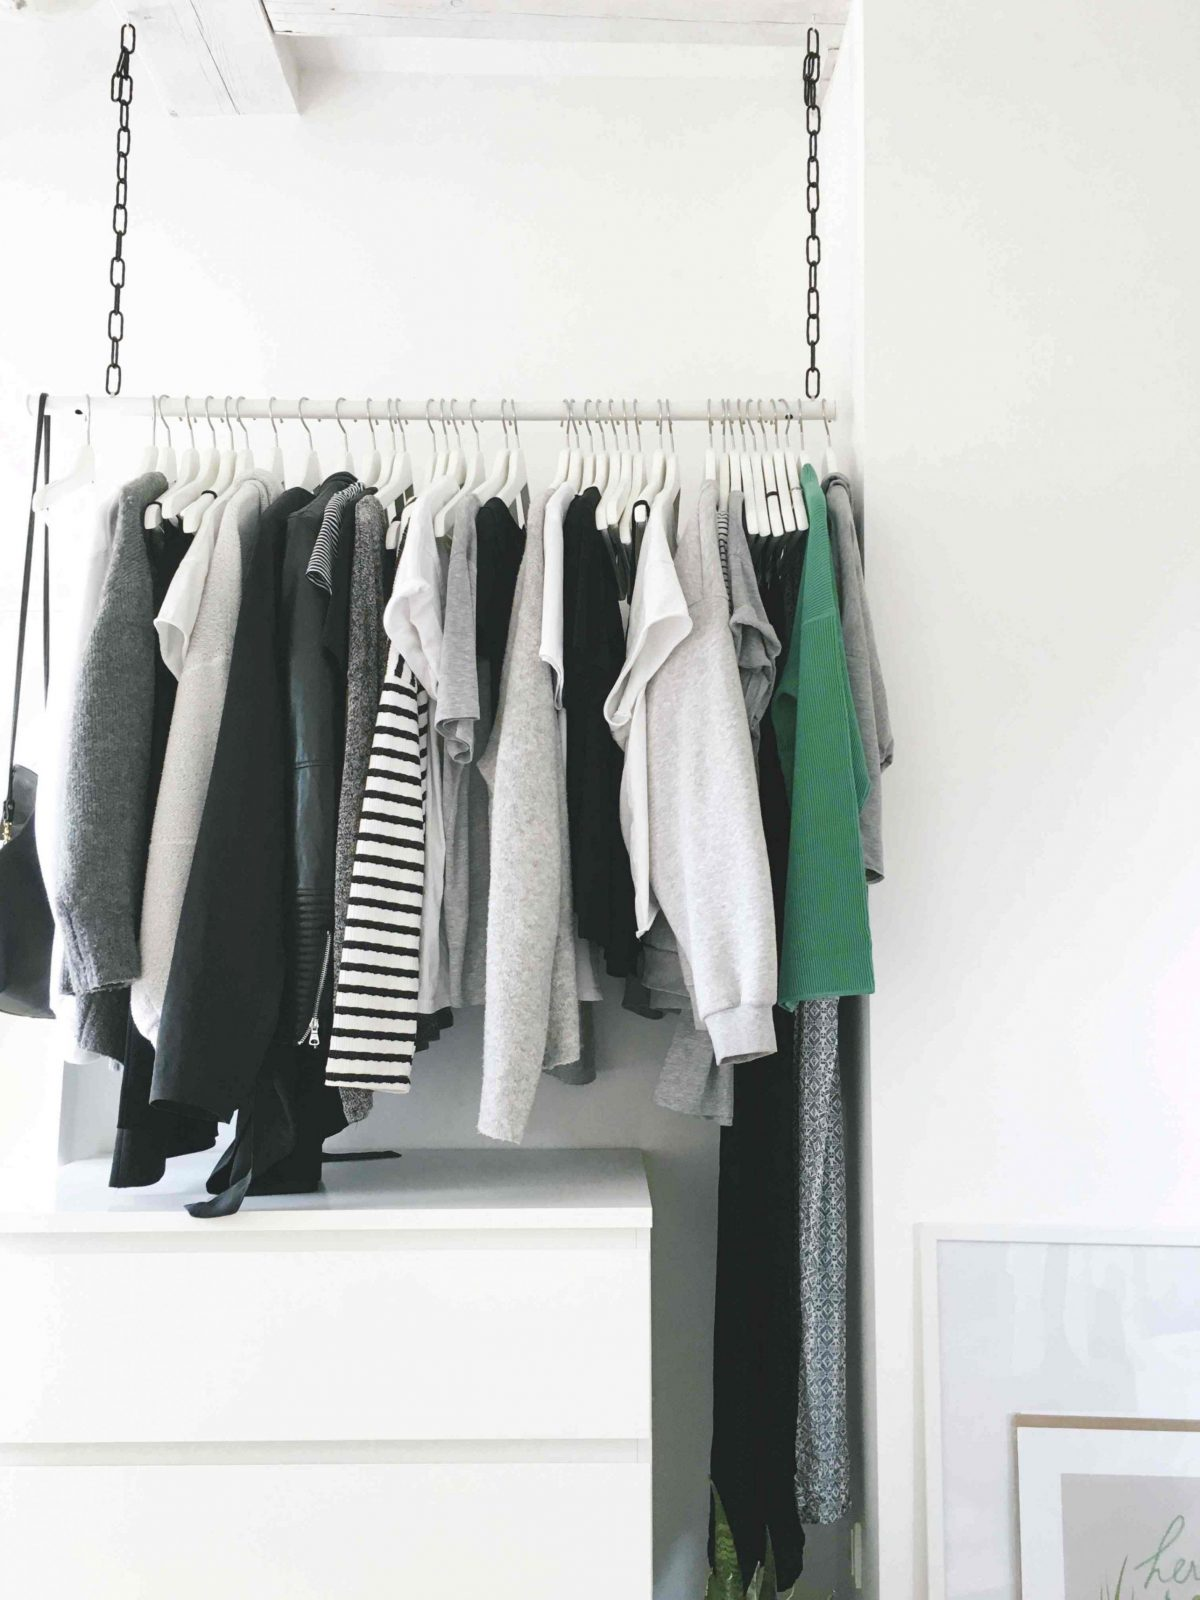 Diykleiderstangedeckekette  Do & Live von Kleiderstange Von Der Decke Photo